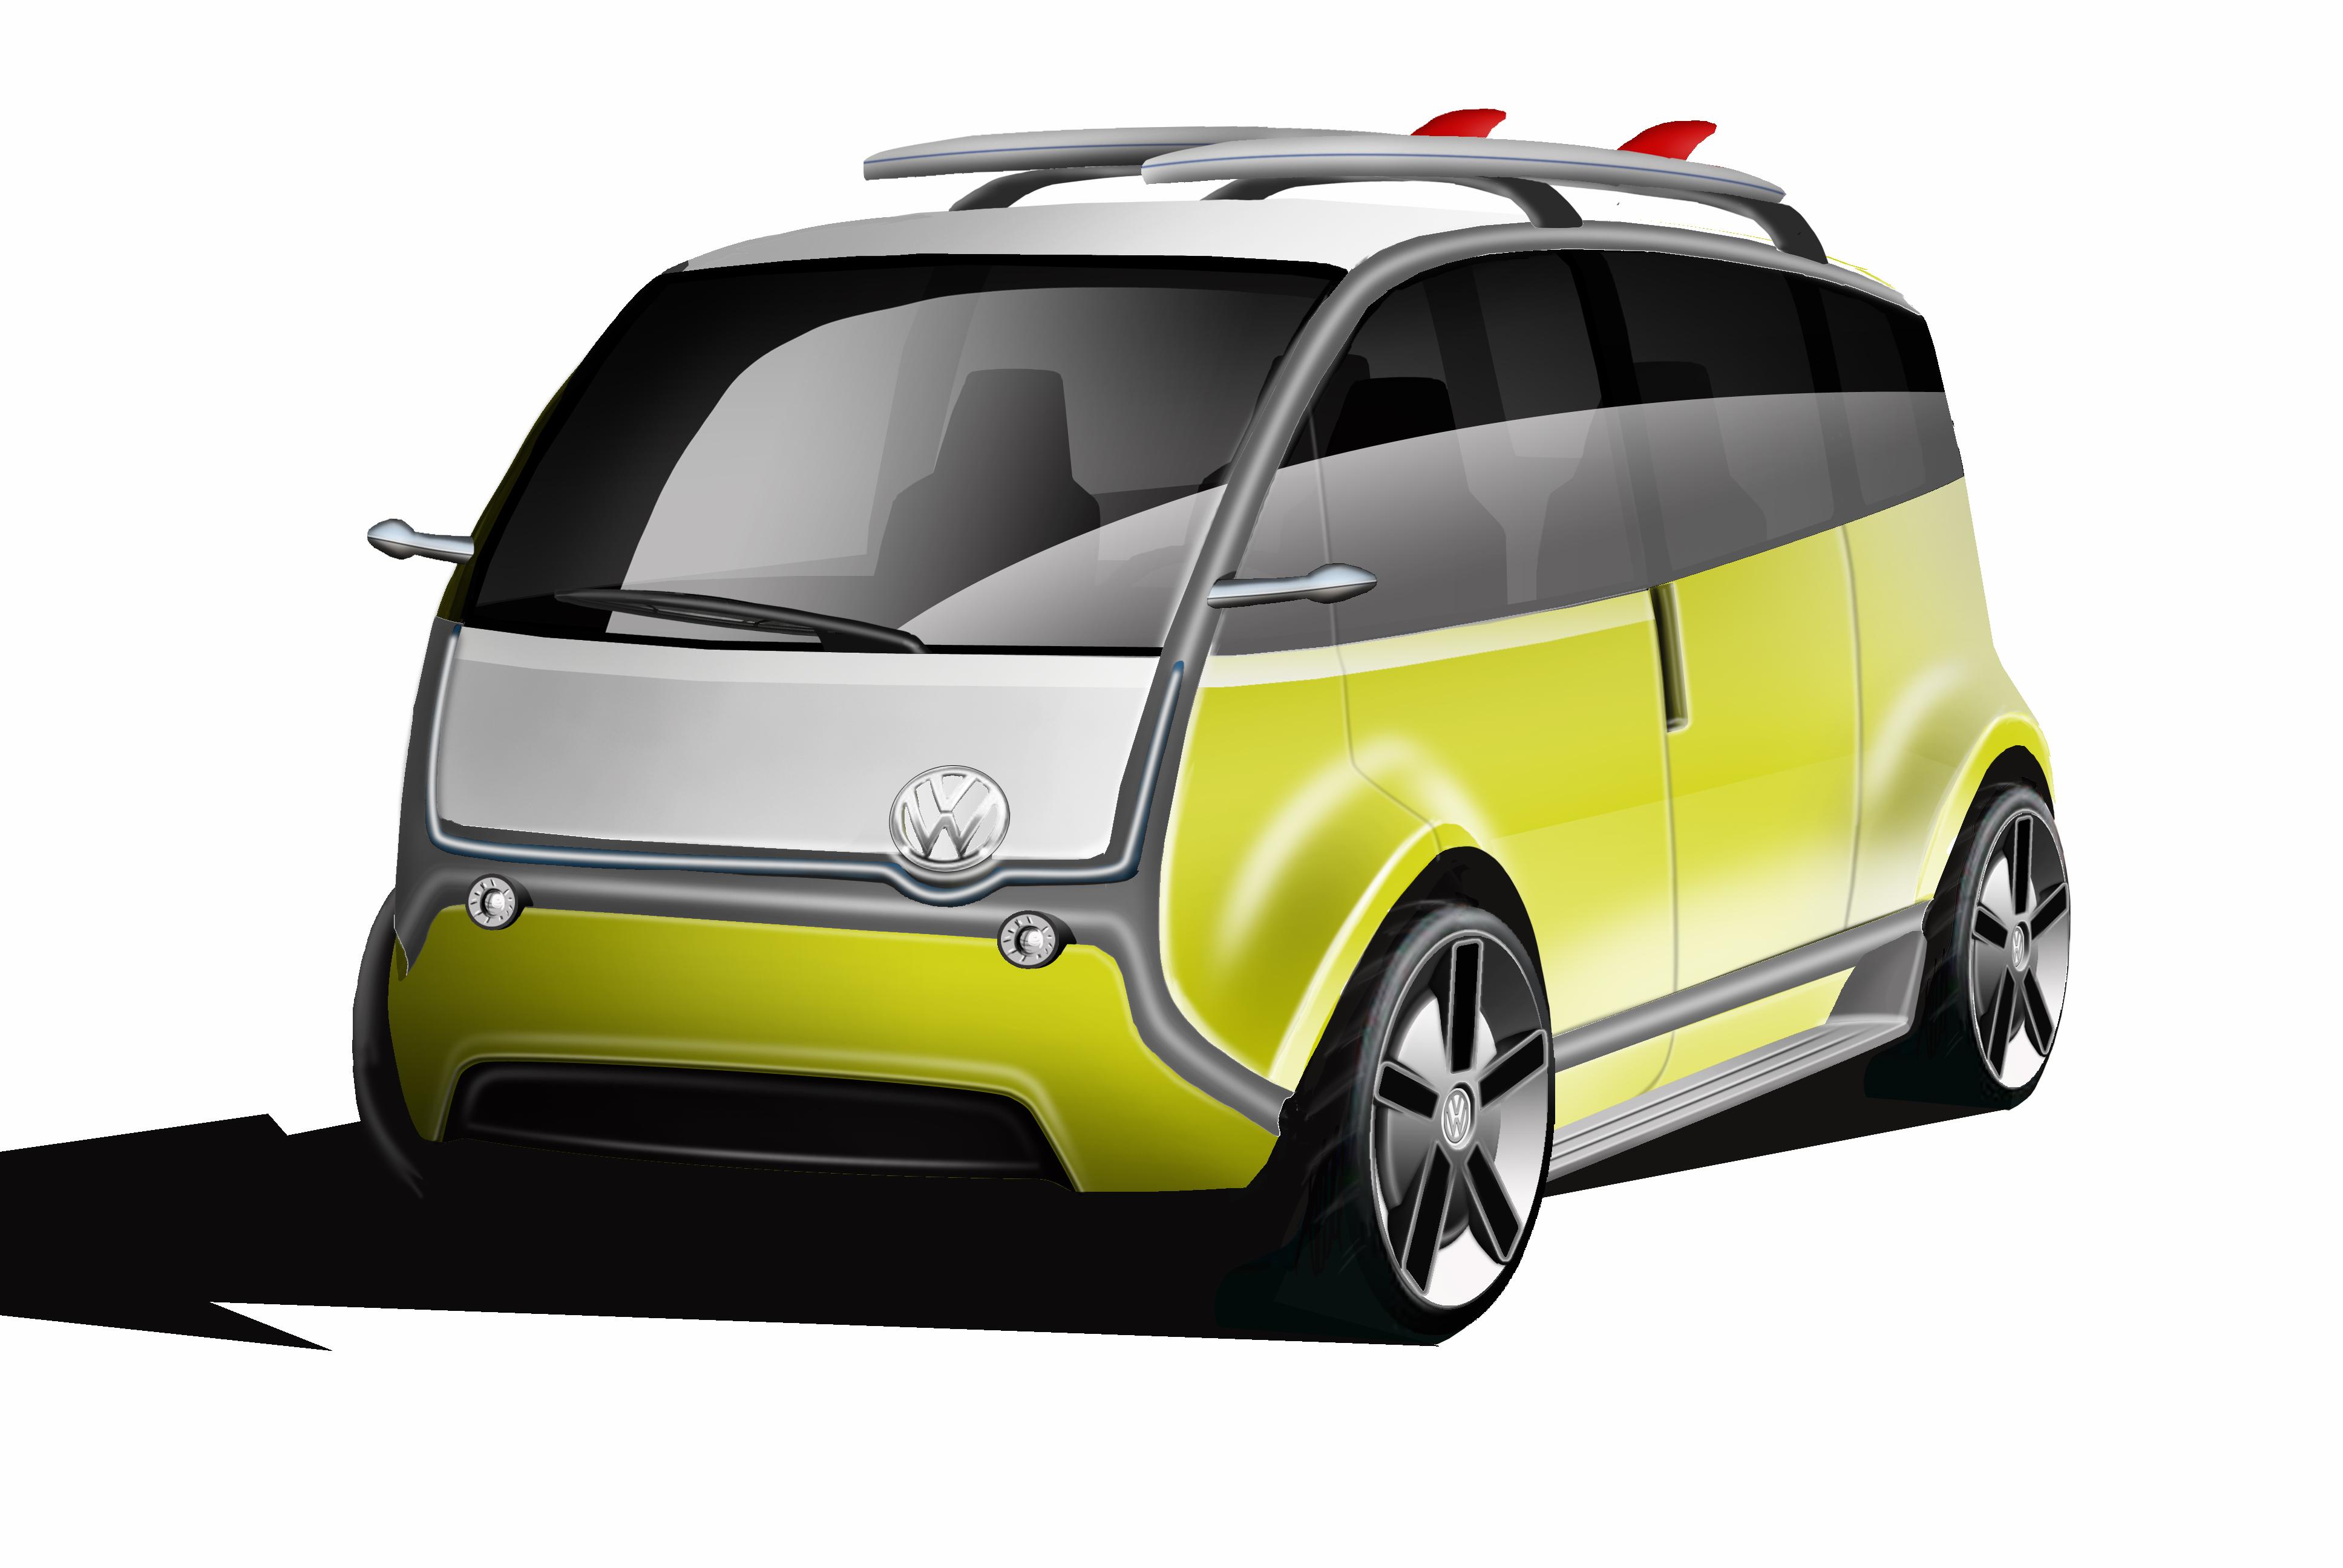 Volkswagen 81, GEN Y VEHICLE